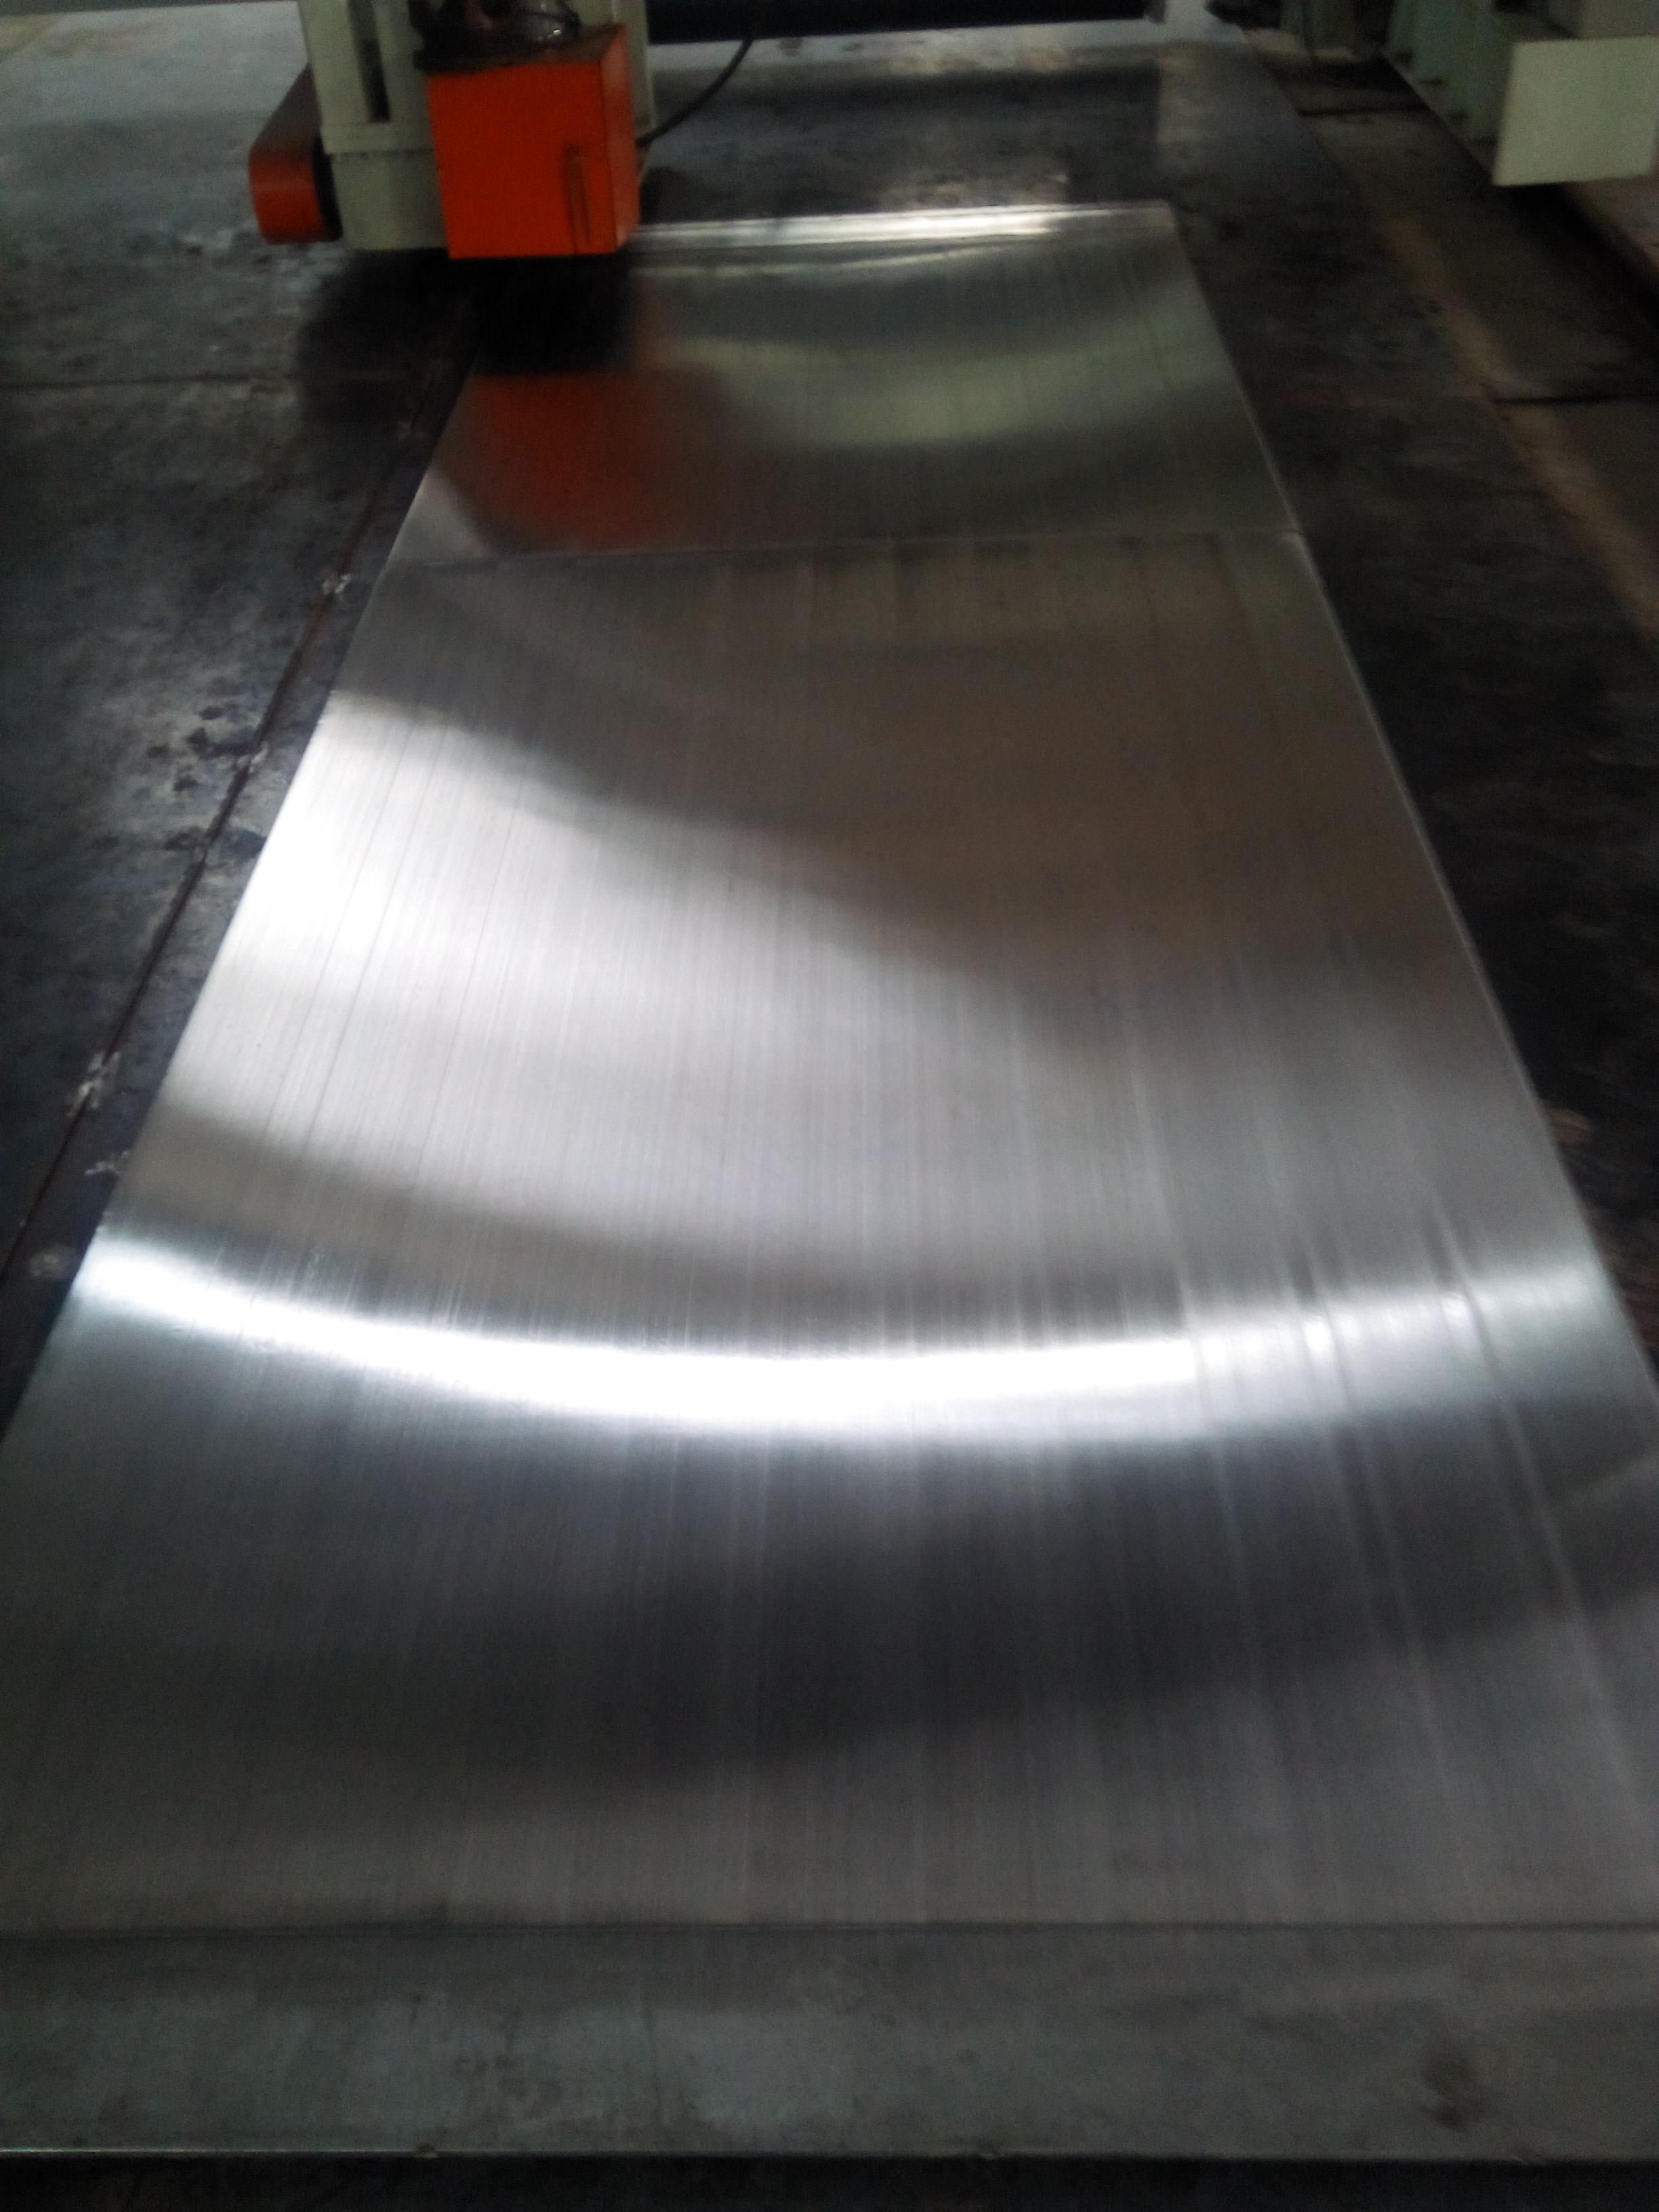 不锈钢拉丝磨砂板供应商 不锈钢拉丝磨砂板价格  佛山不锈钢拉丝磨砂板哪家好